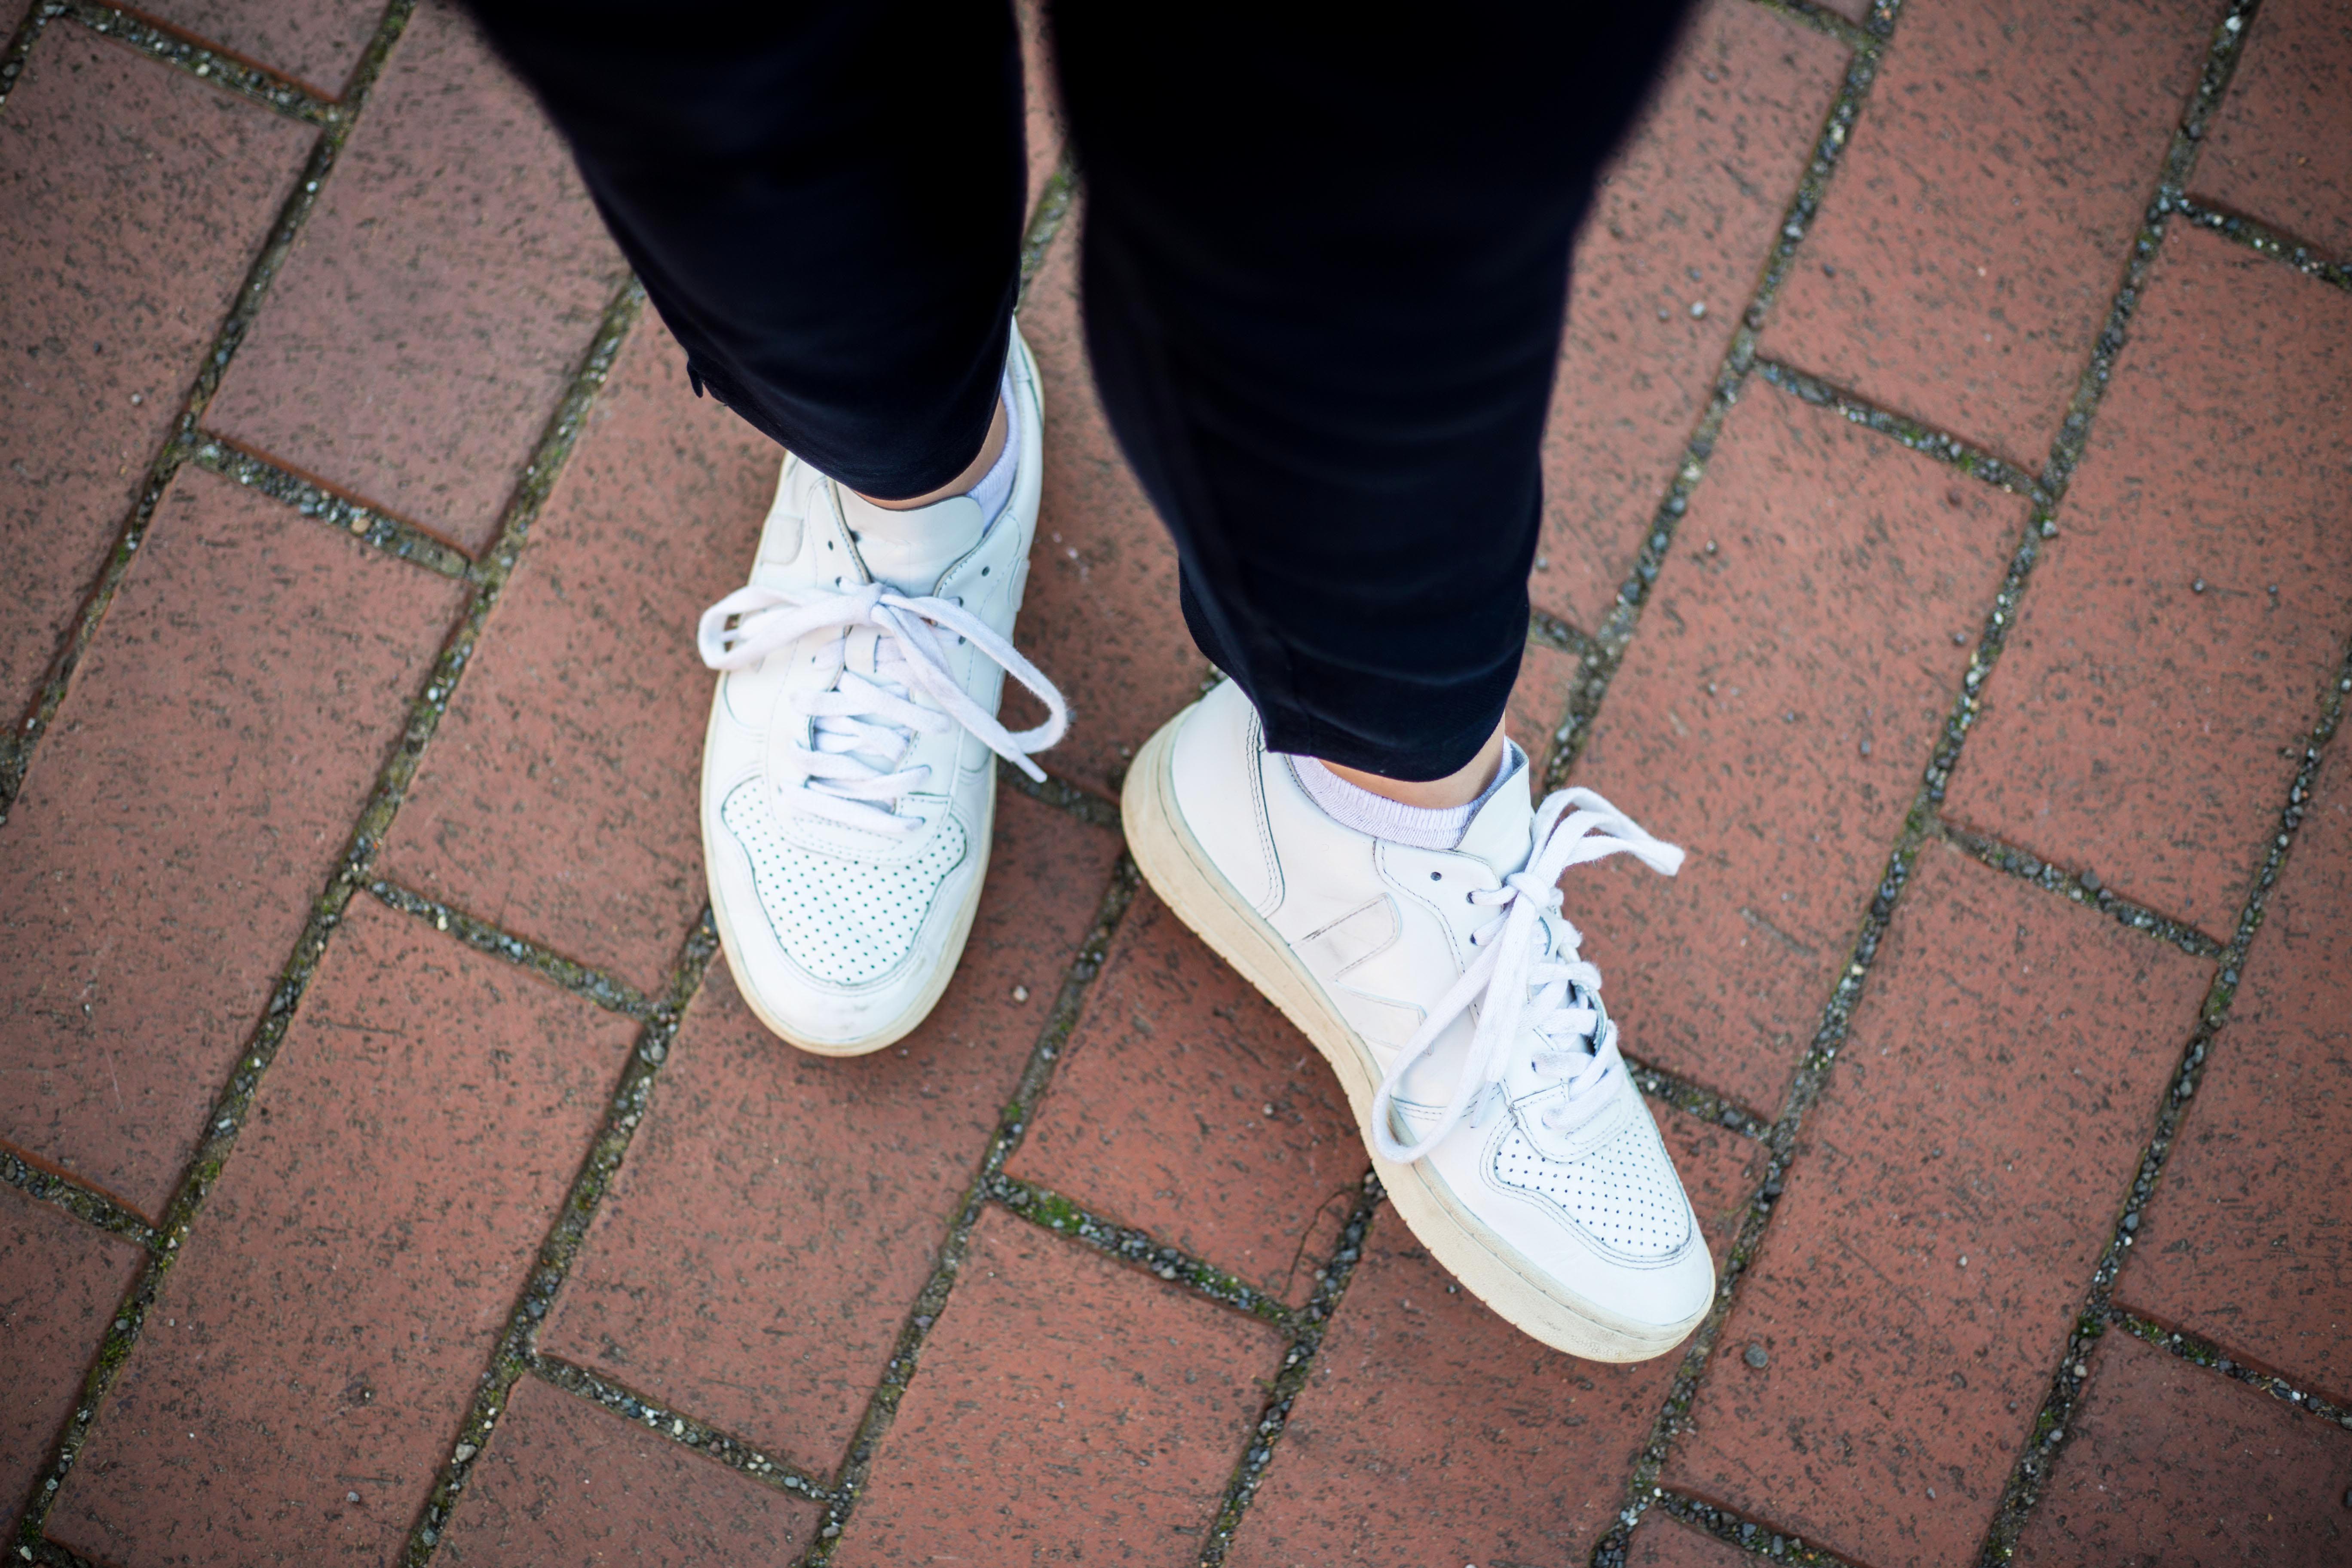 Veja V-10 Shoes